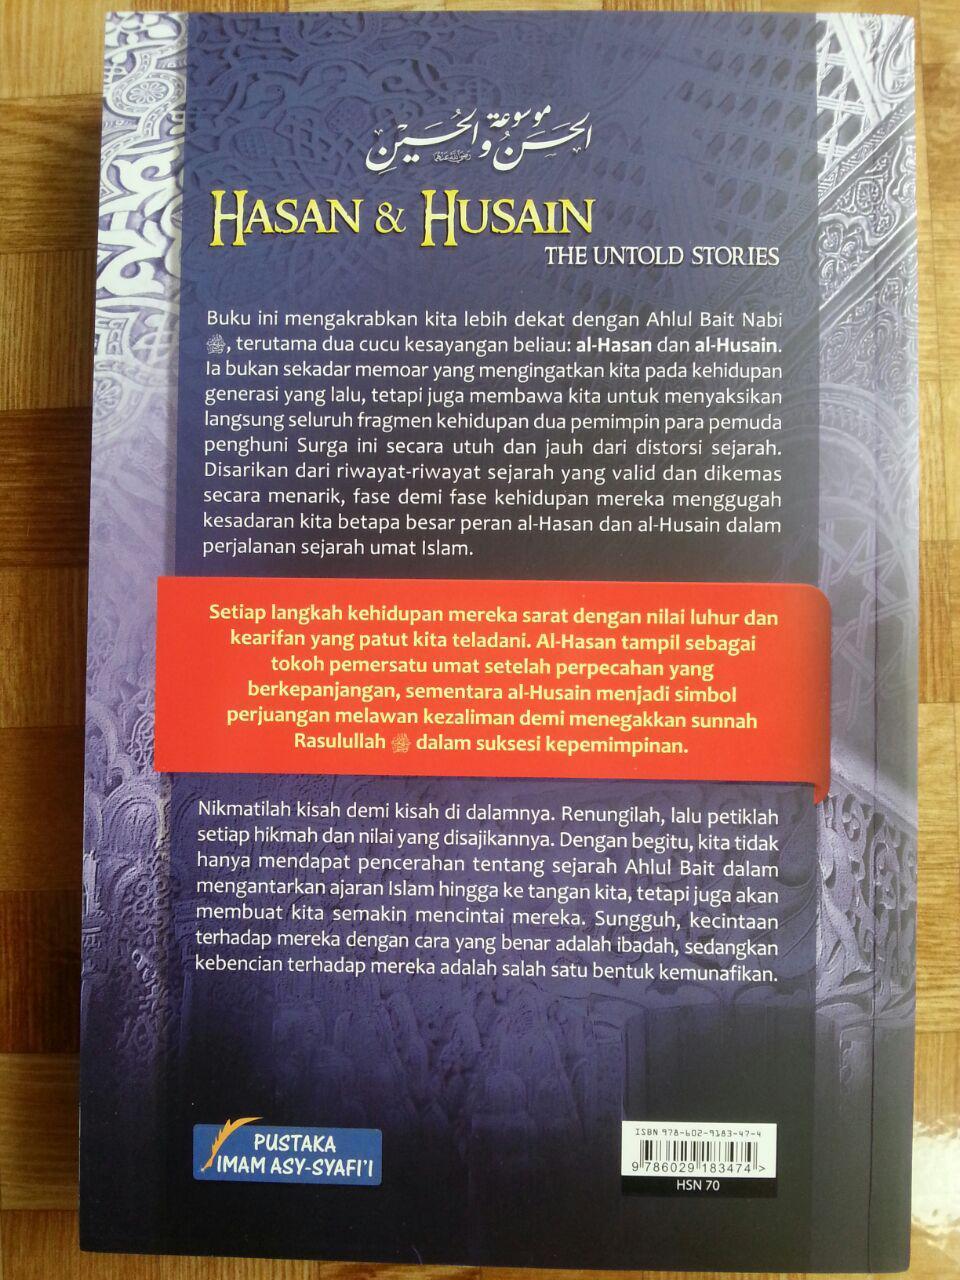 Buku Hasan Dan Husain The Untold Stories cover